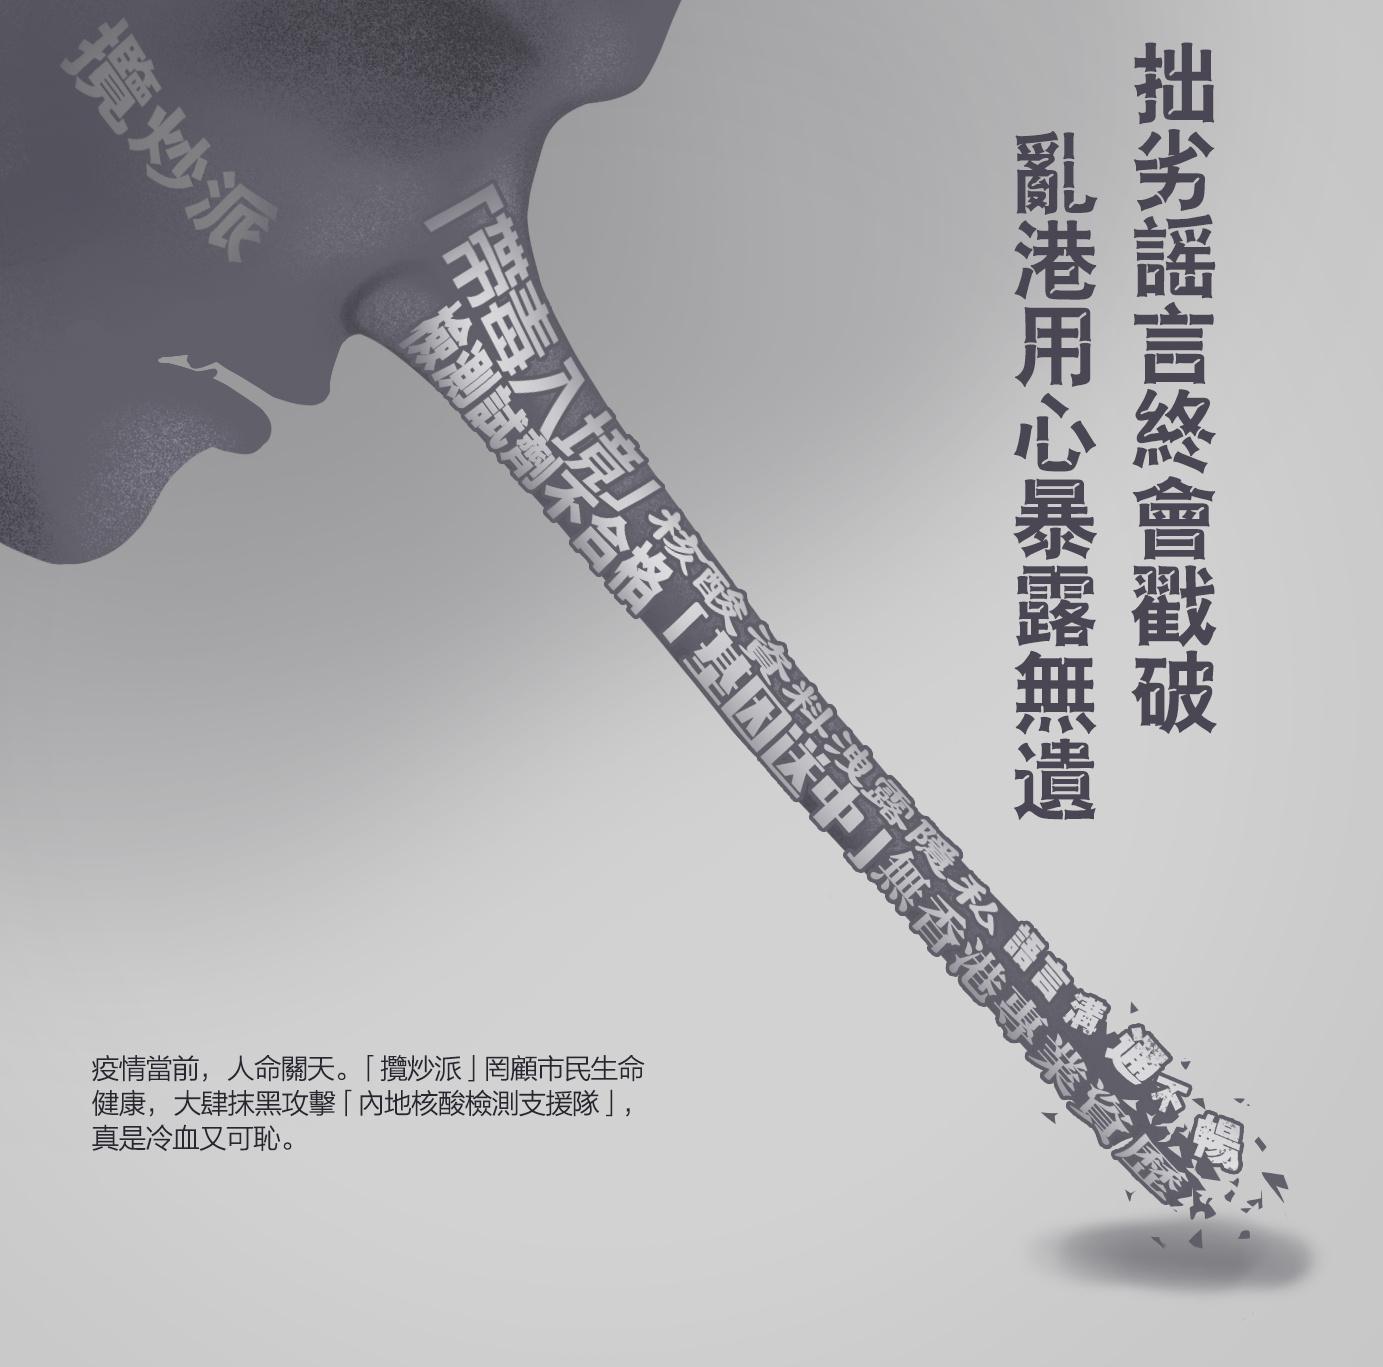 """【btc china】_香港""""揽炒派""""抹黑内地支援抗疫 人民日报发讽刺漫画驳斥"""